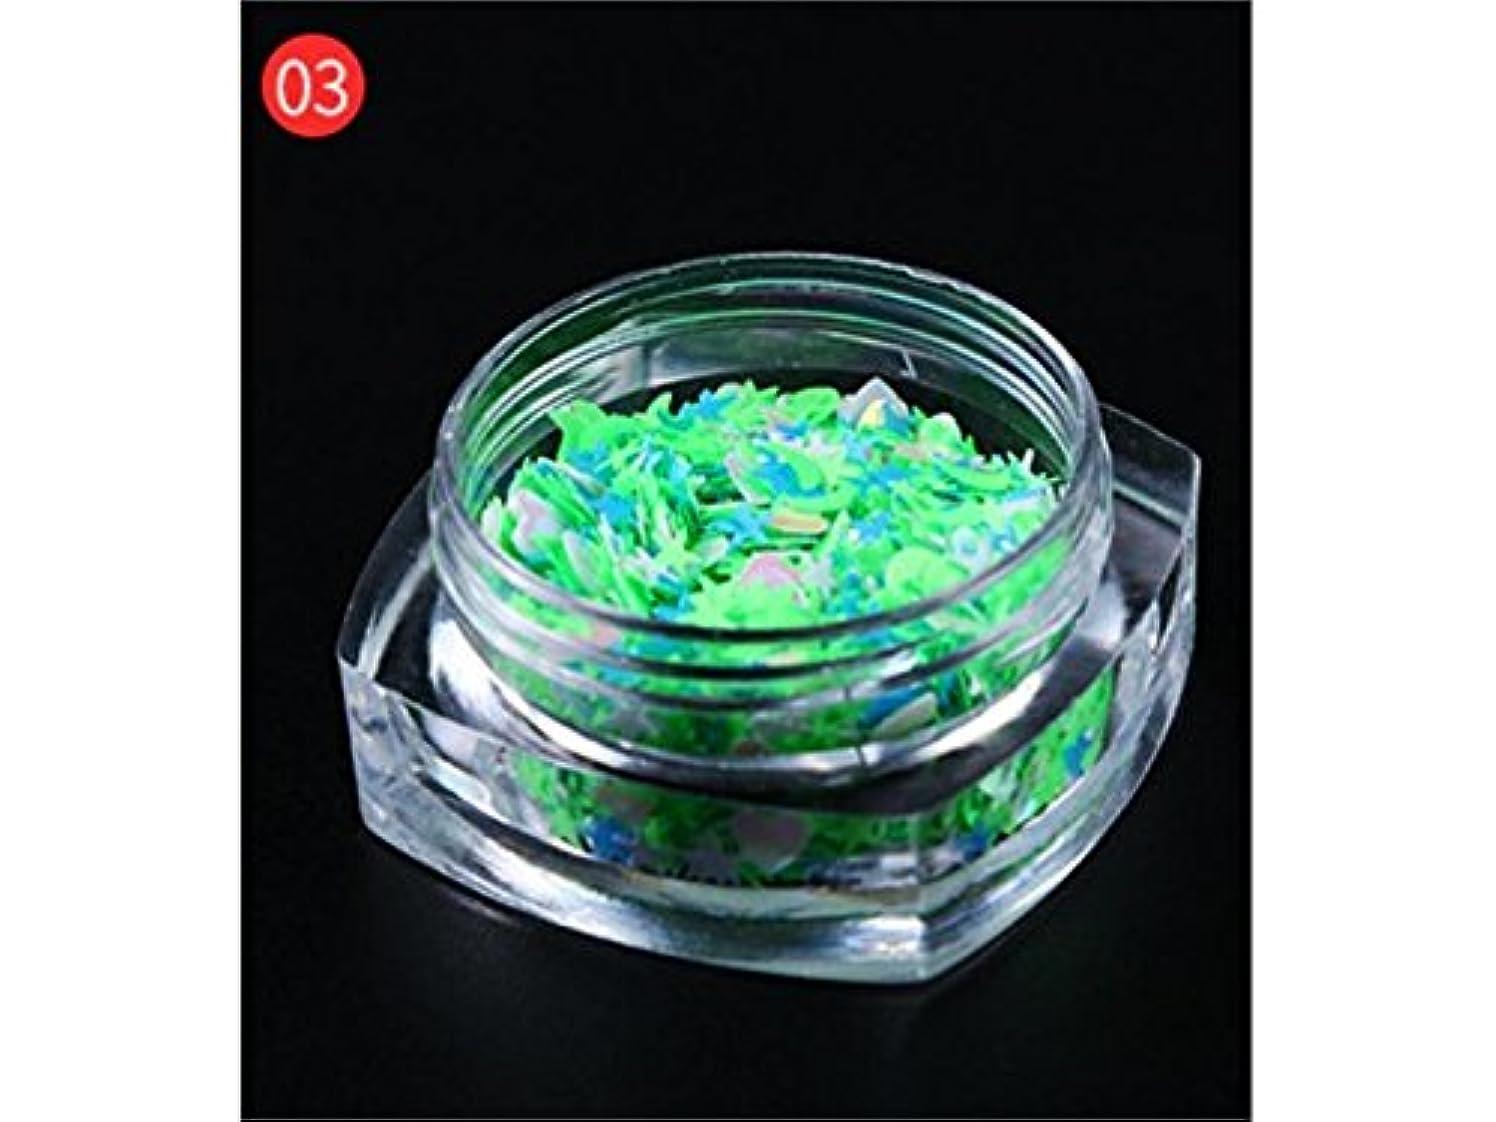 似ている栄光スズメバチOsize DIYのキラキラ輝く星のスパンコールのためのマルチシェイプのキラキラ色とりどりのカラフルなスパンコールはネイルアートと装飾(ライトグリーン)